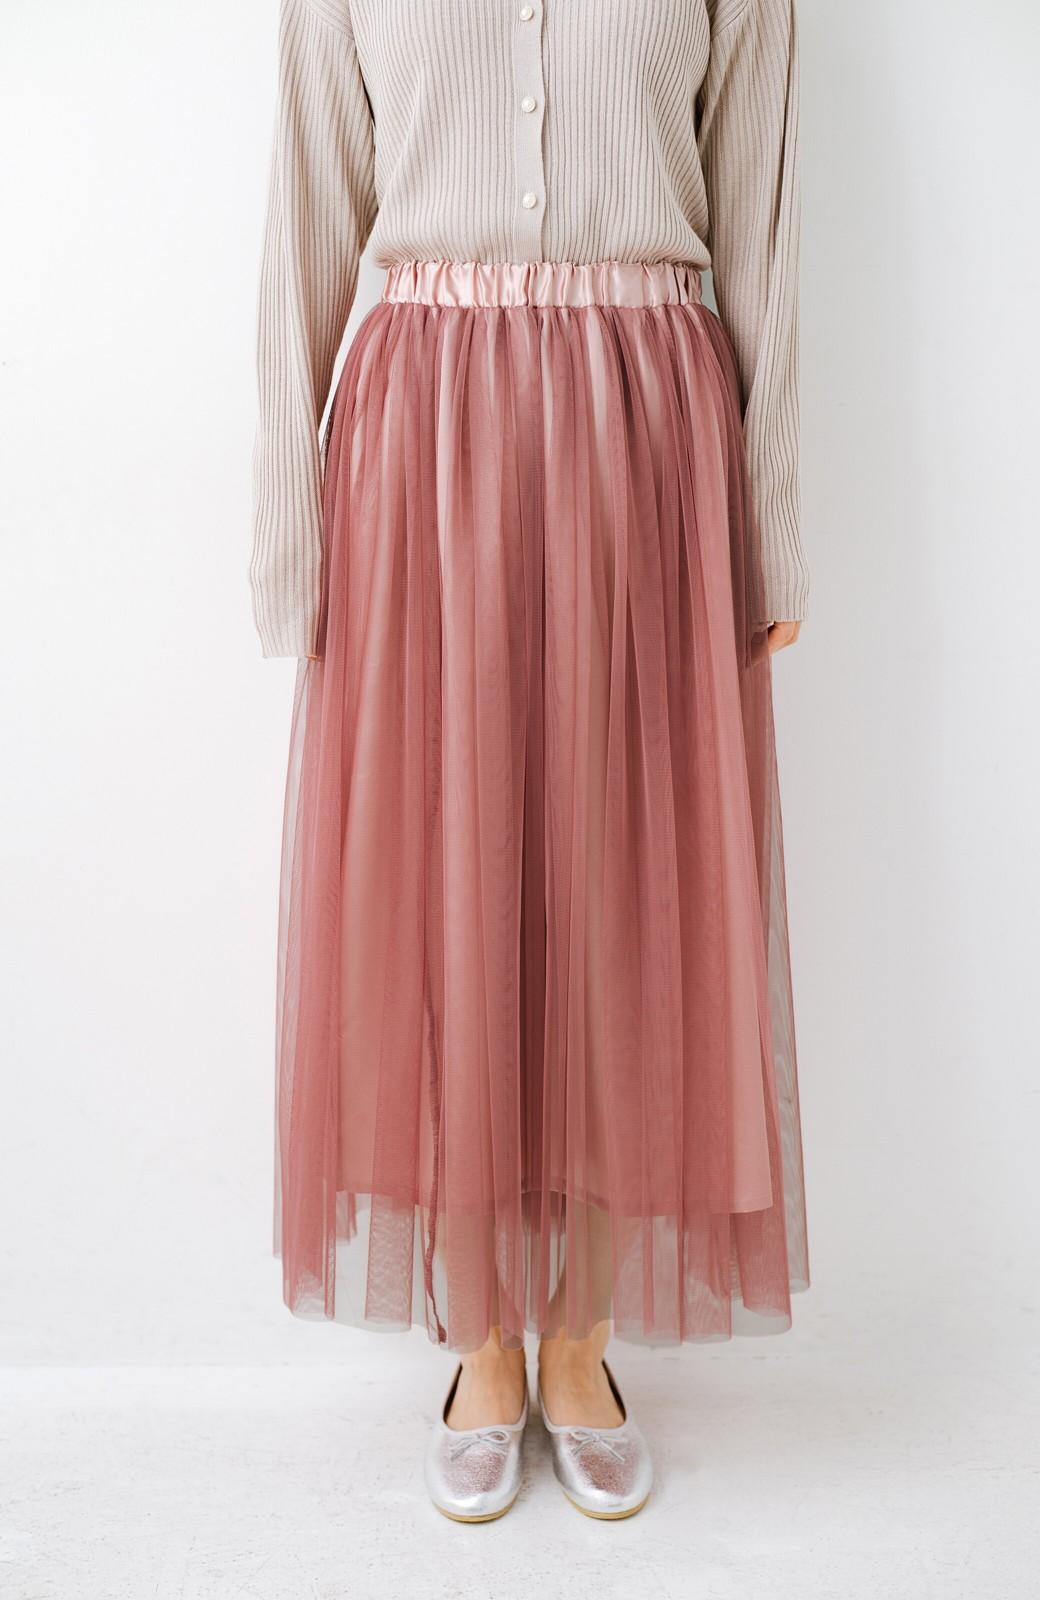 haco! 着るだけでルンとした気分になる! 長ーーい季節着られてずっと使えるオトナのためのチュールスカート <ピンク>の商品写真11